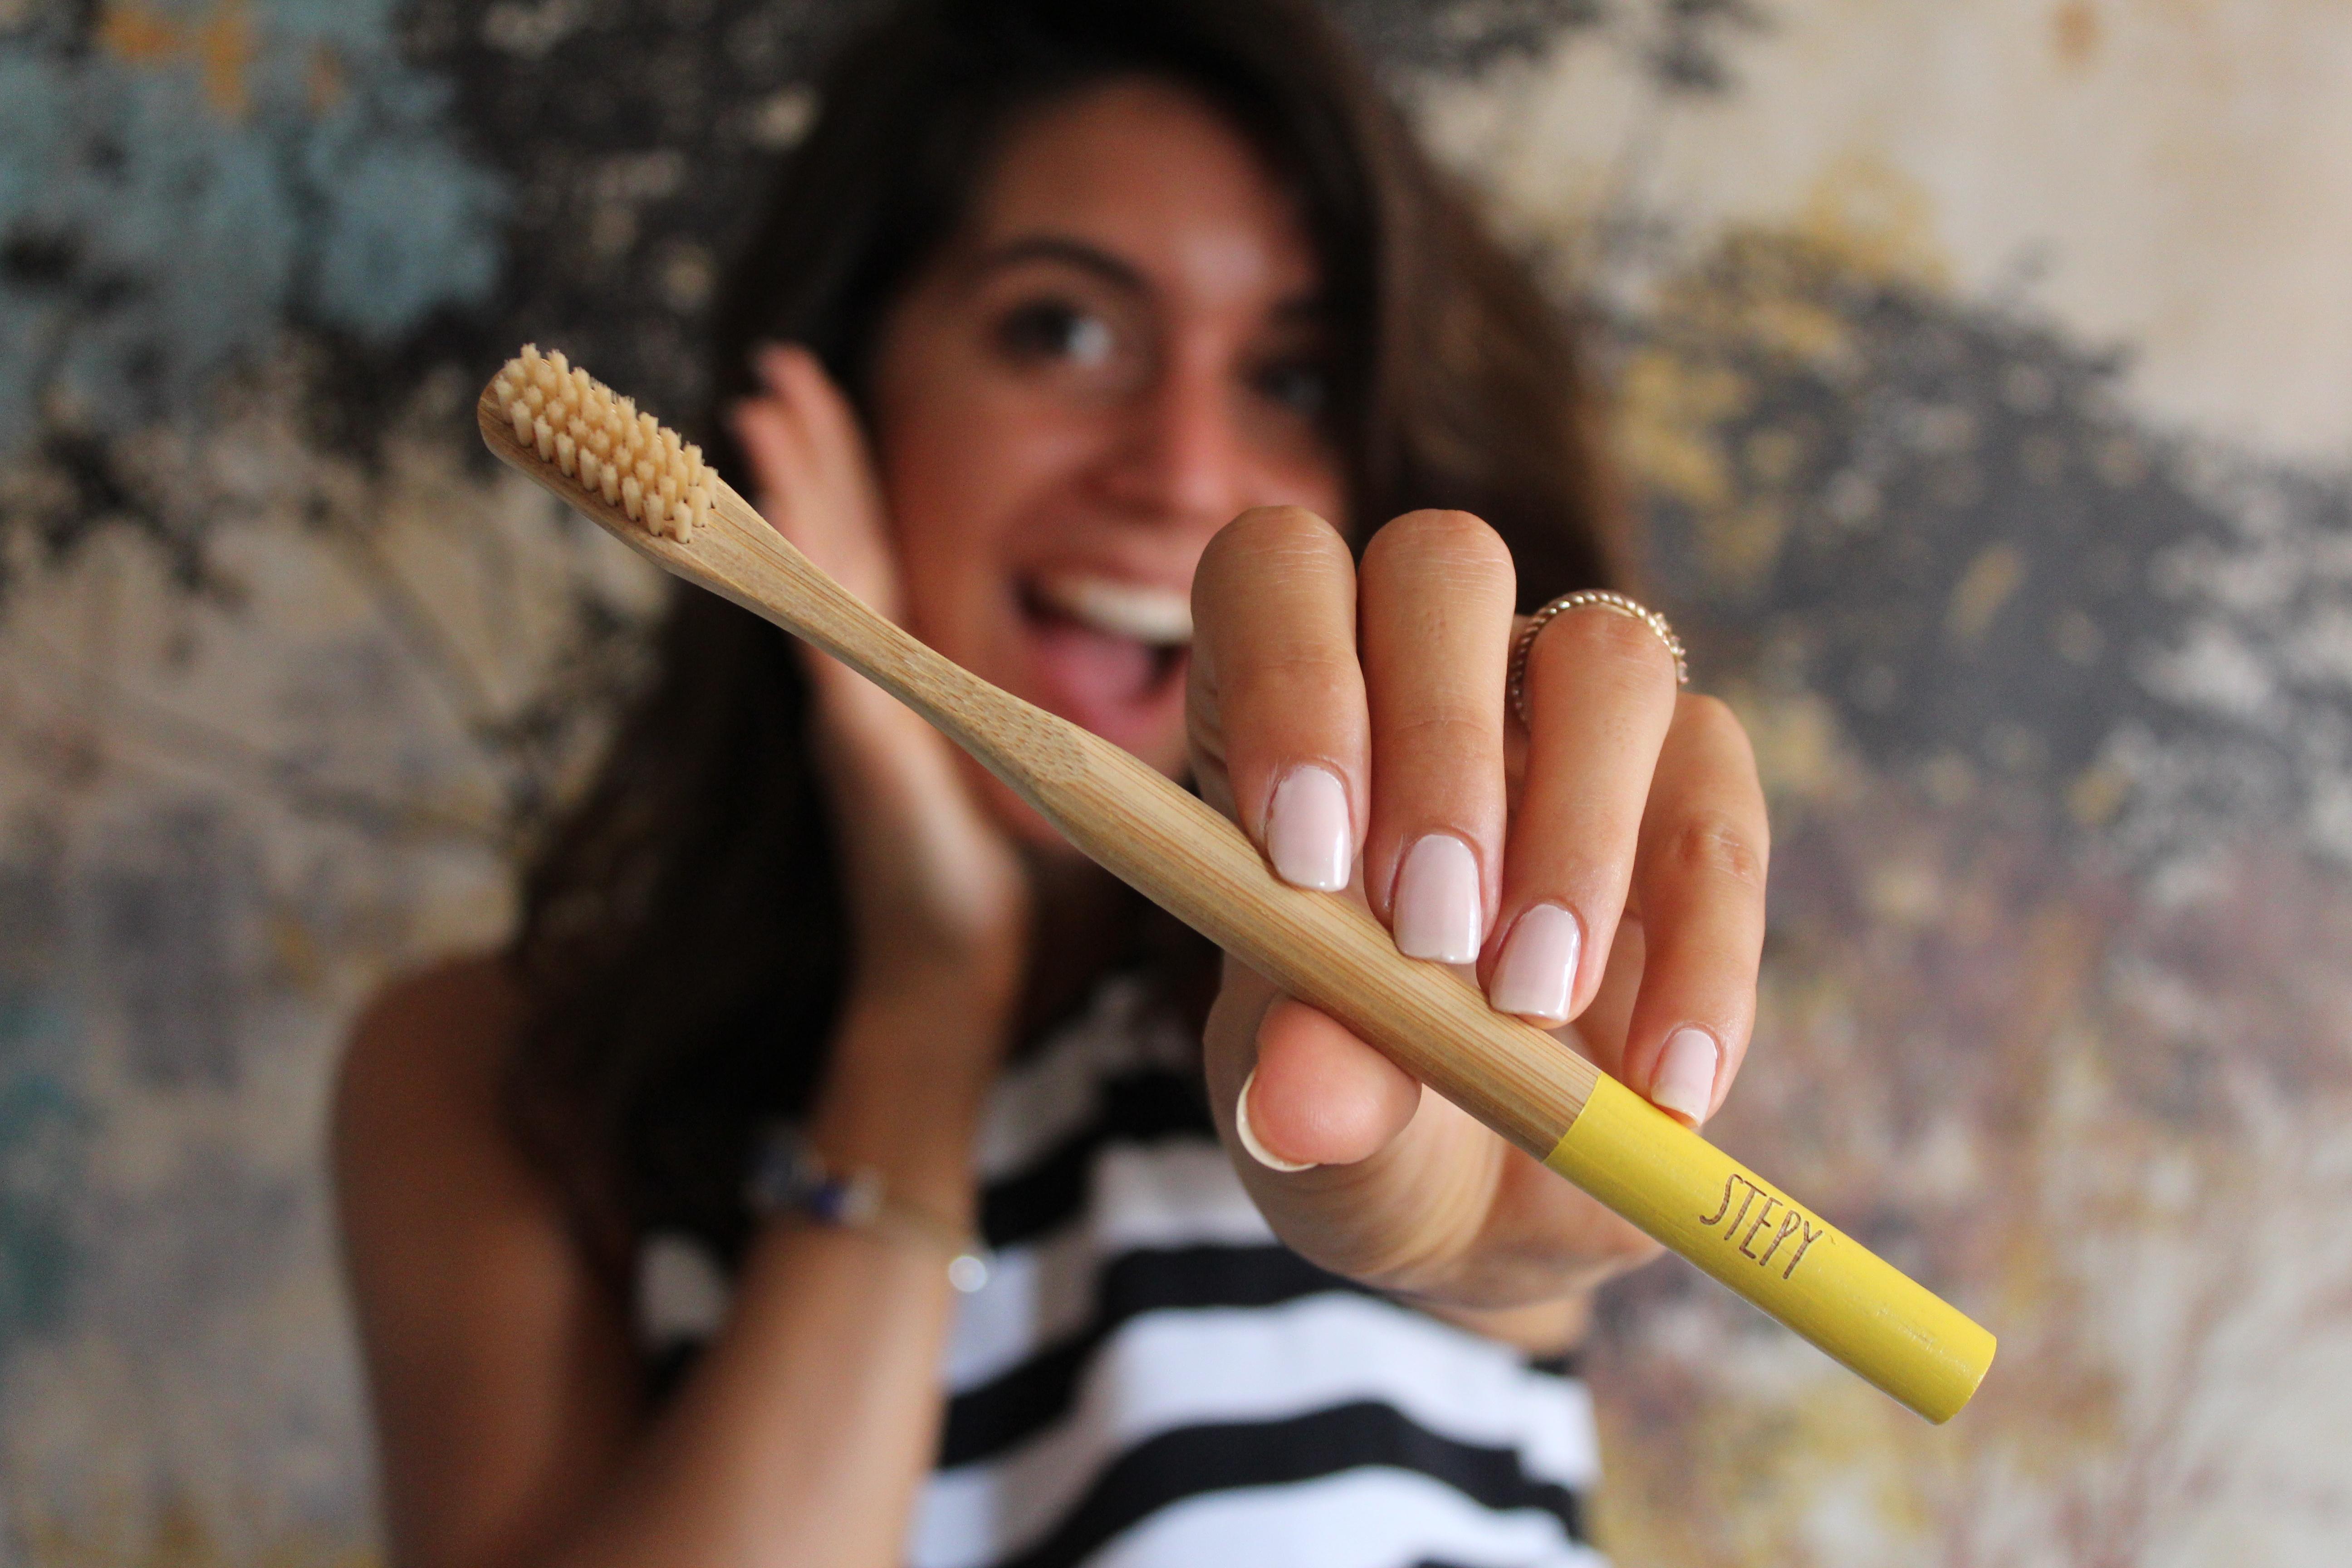 Cepillo de dientes de bambú Stepy . Limpieza bucal sostenible .